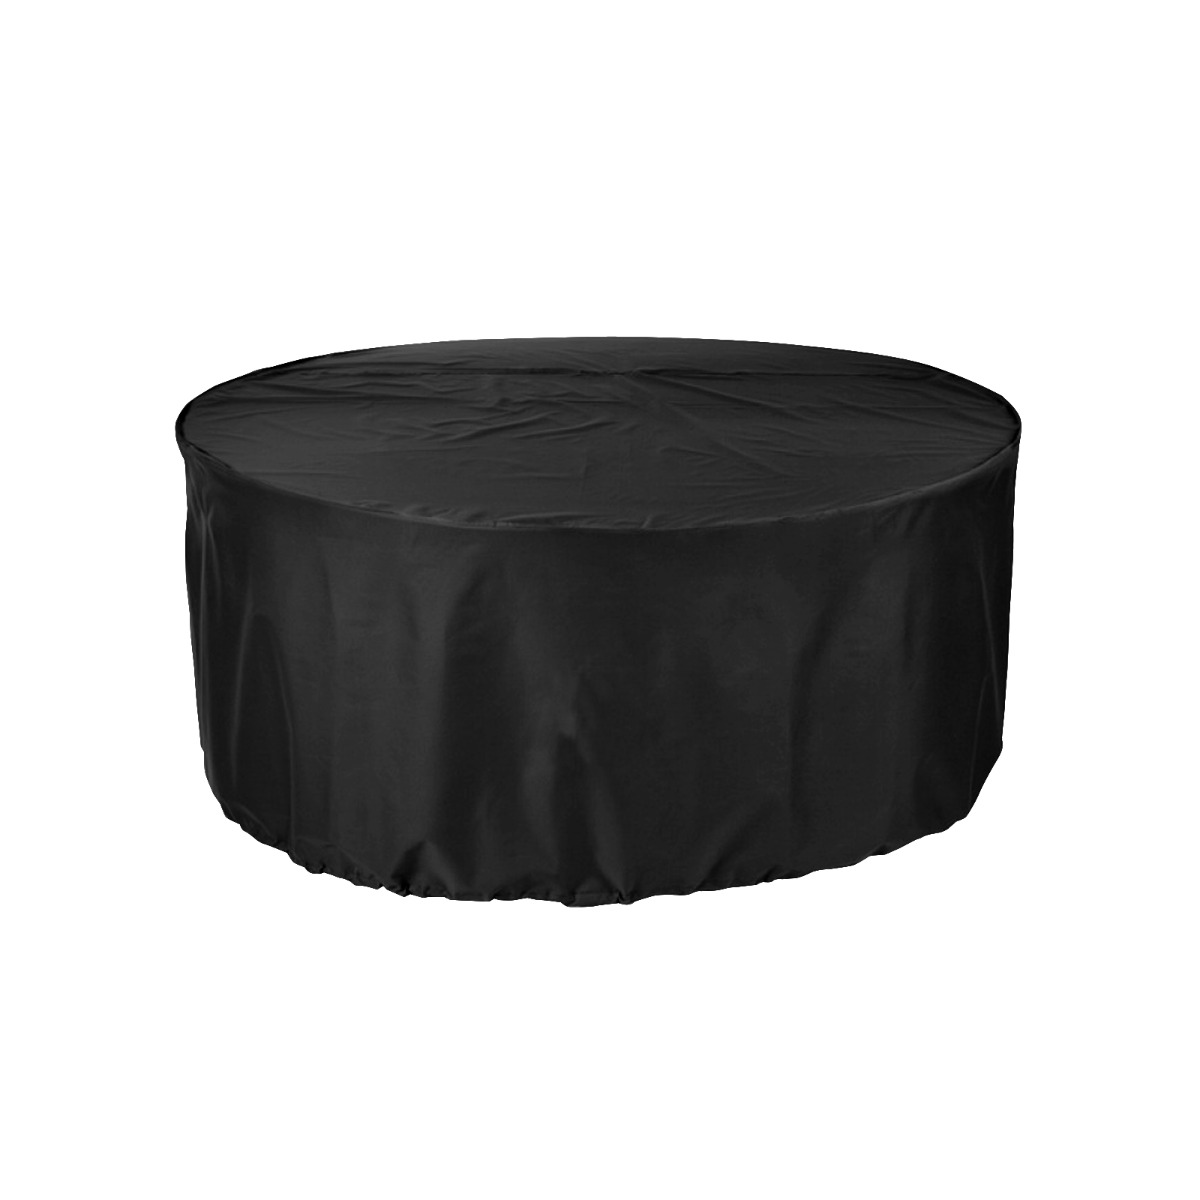 Black Premium 4-6 Seater Large Circular Patio Set Cover